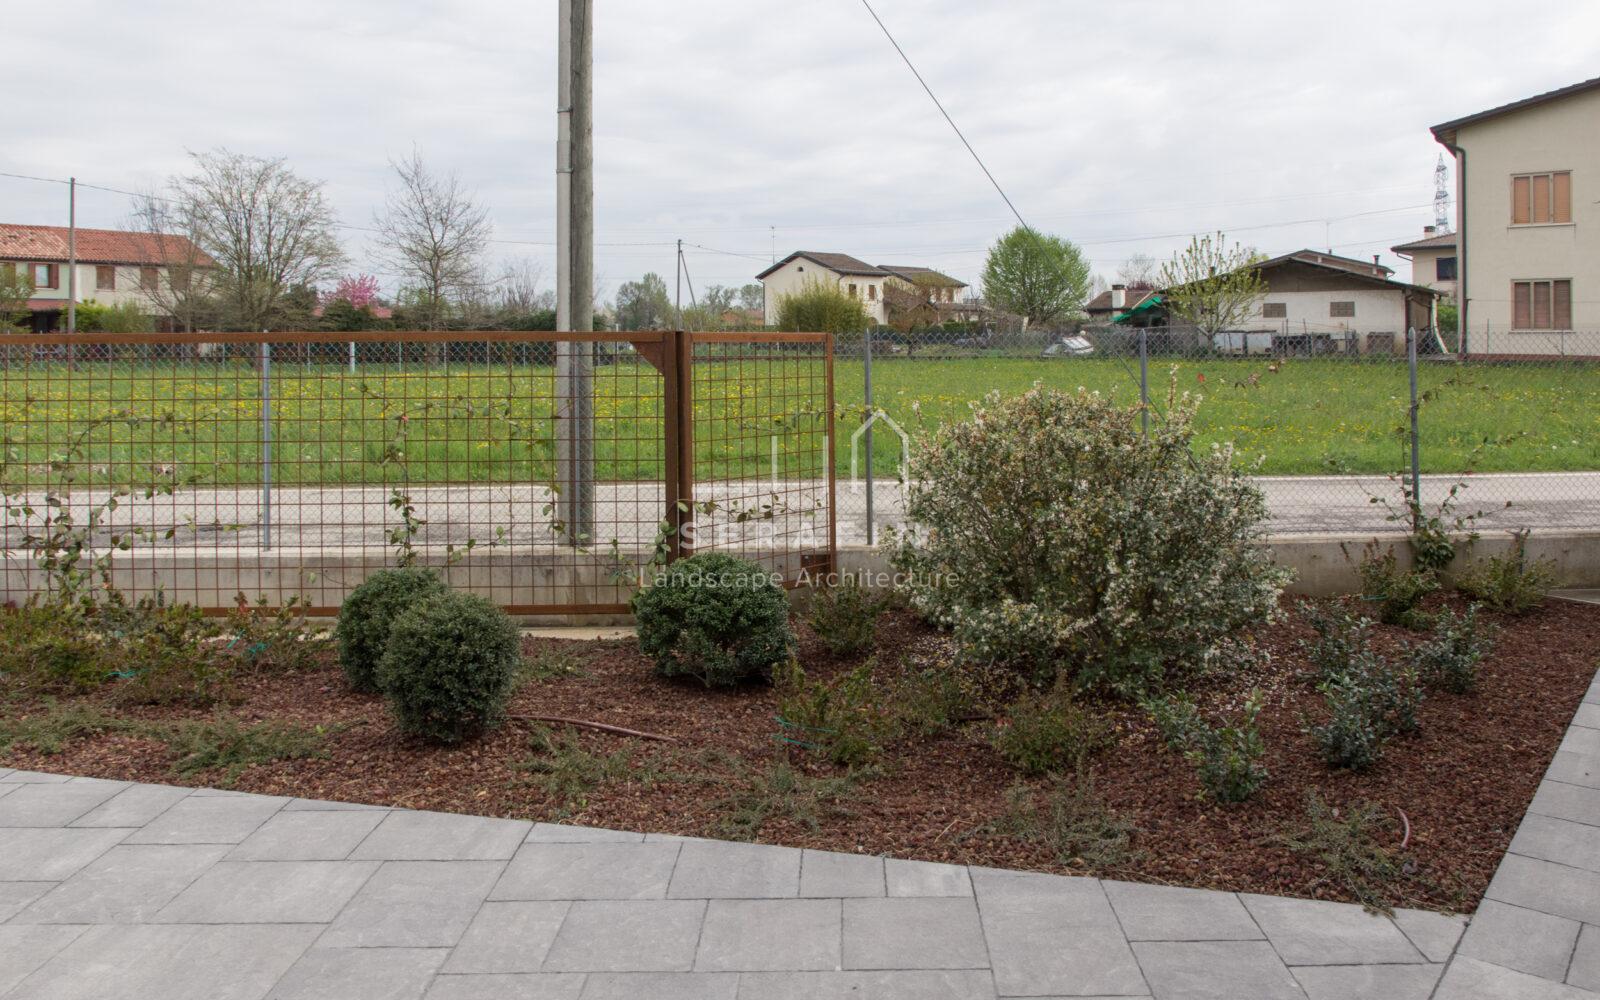 progetto di un giardino privato a padova - 12